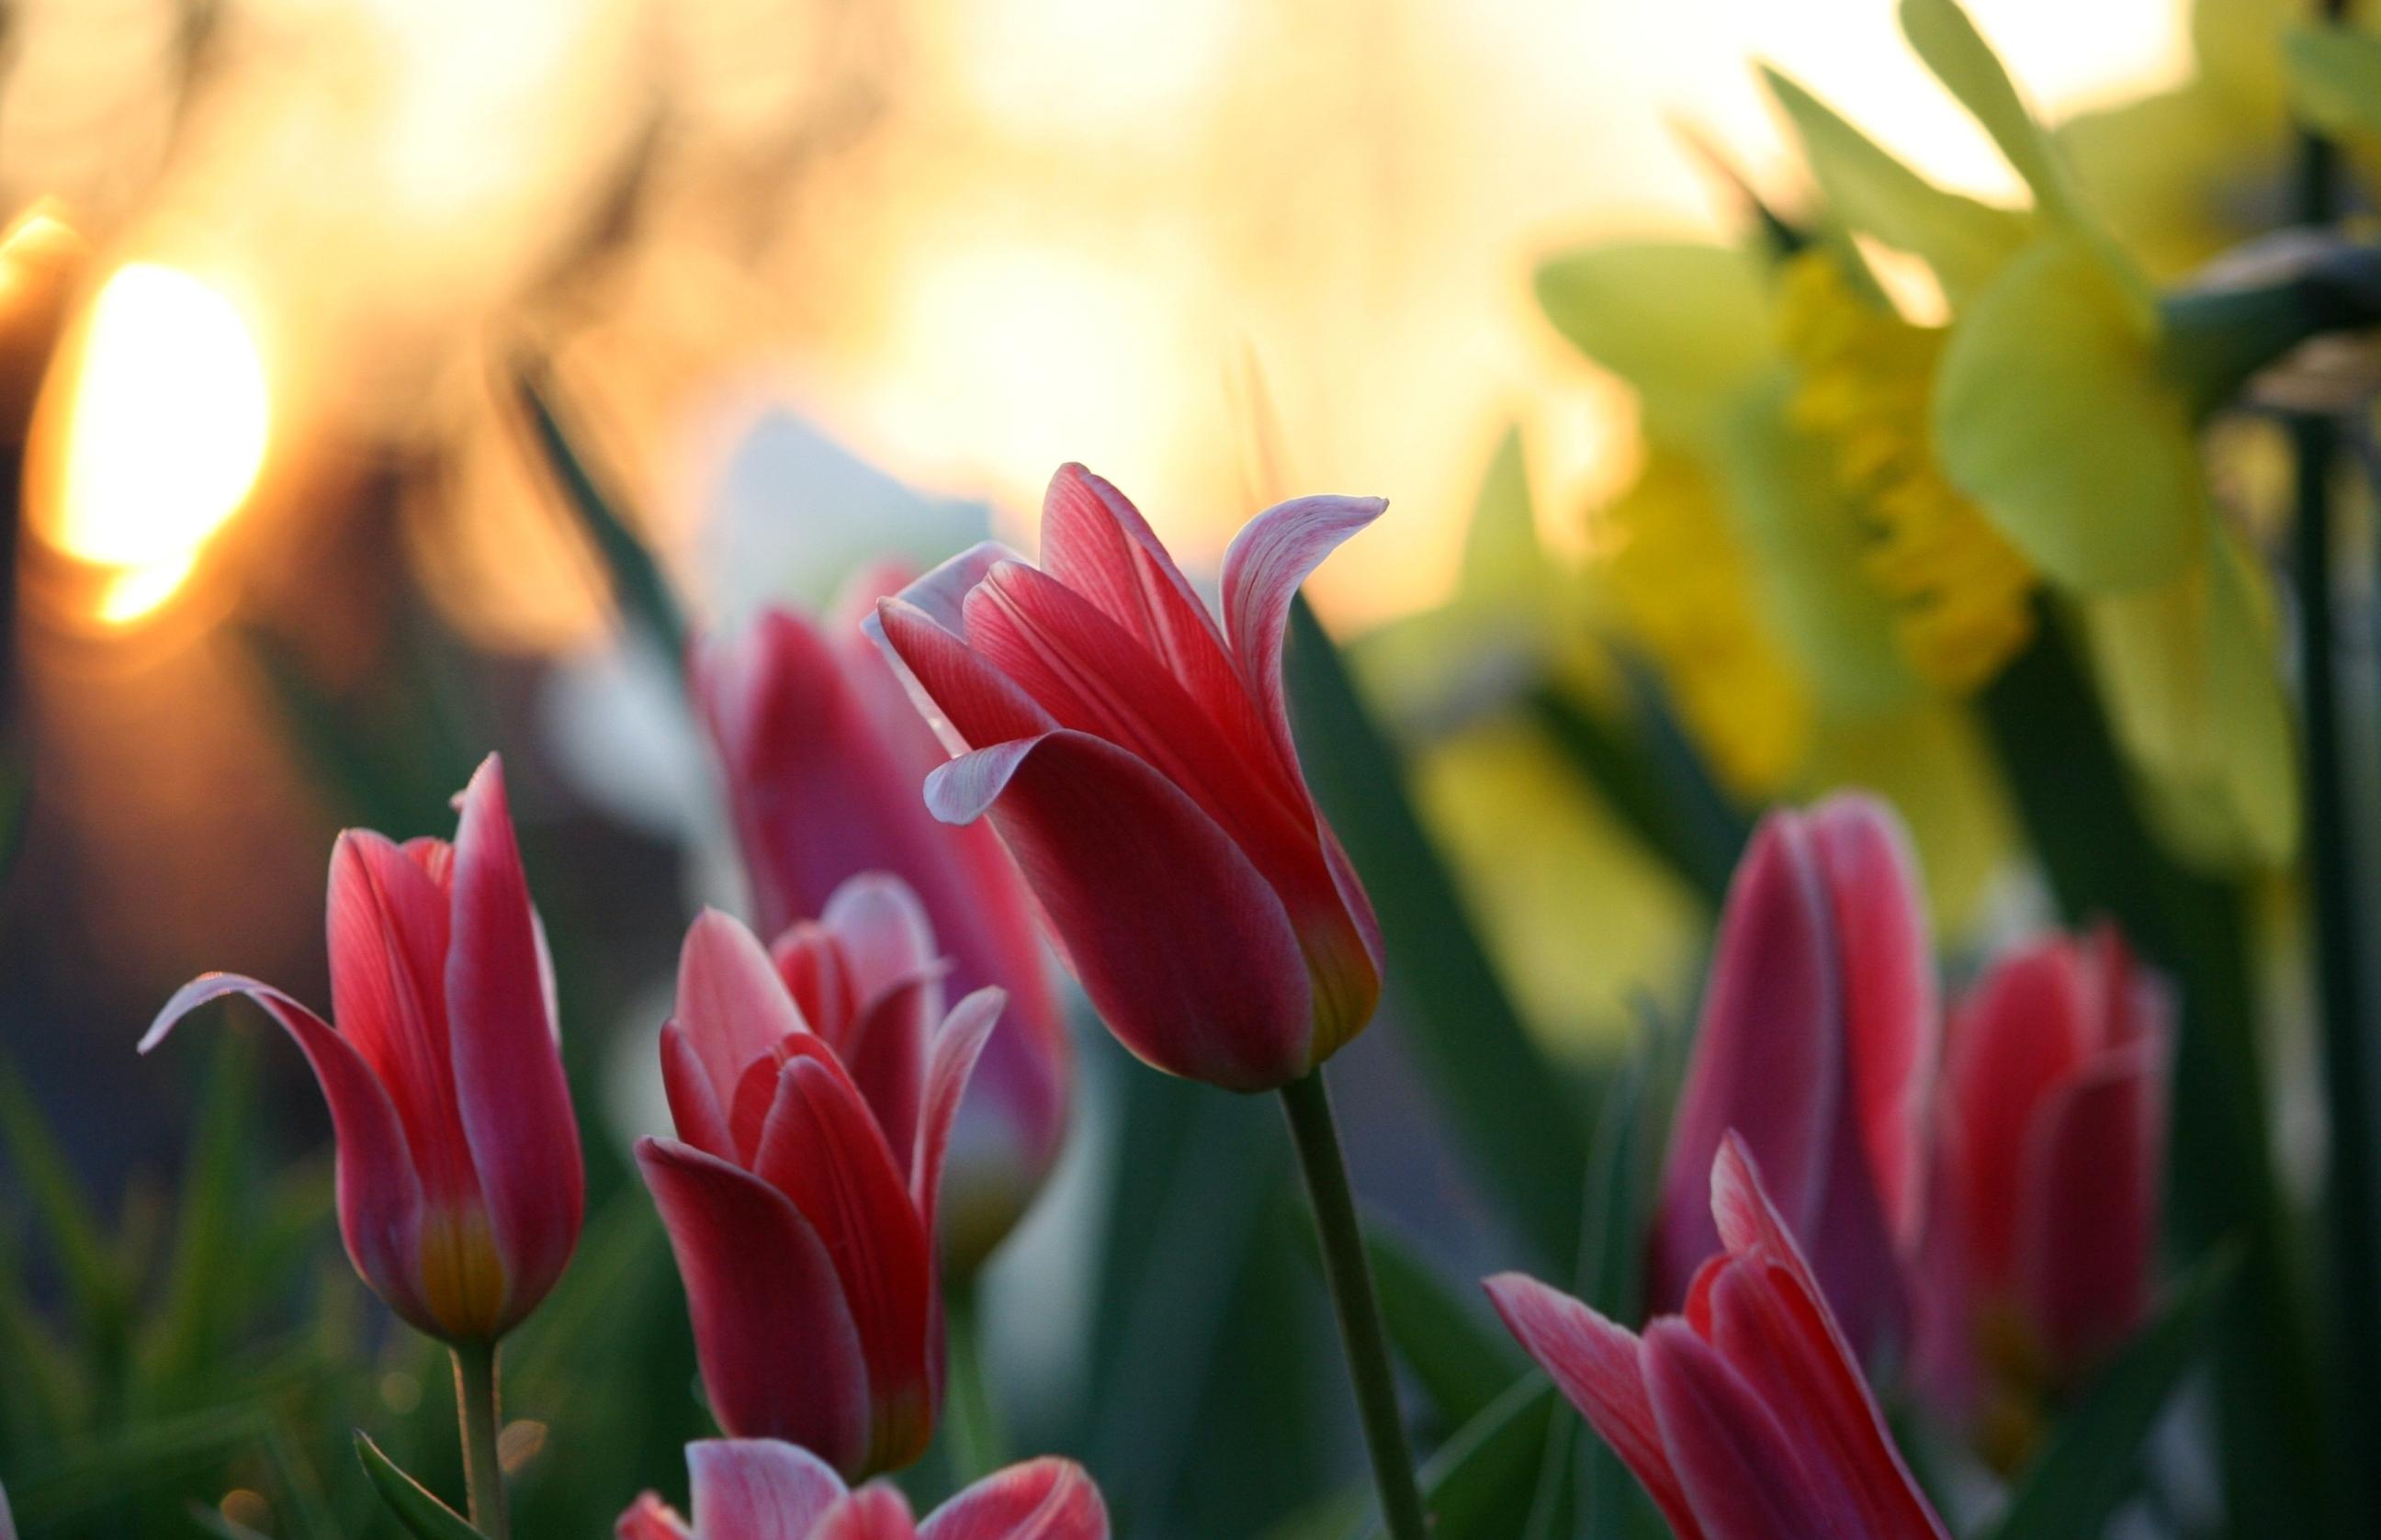 127930 Заставки и Обои Нарциссы на телефон. Скачать Цветы, Тюльпаны, Нарциссы, Зелень, Крупный План, Блик картинки бесплатно